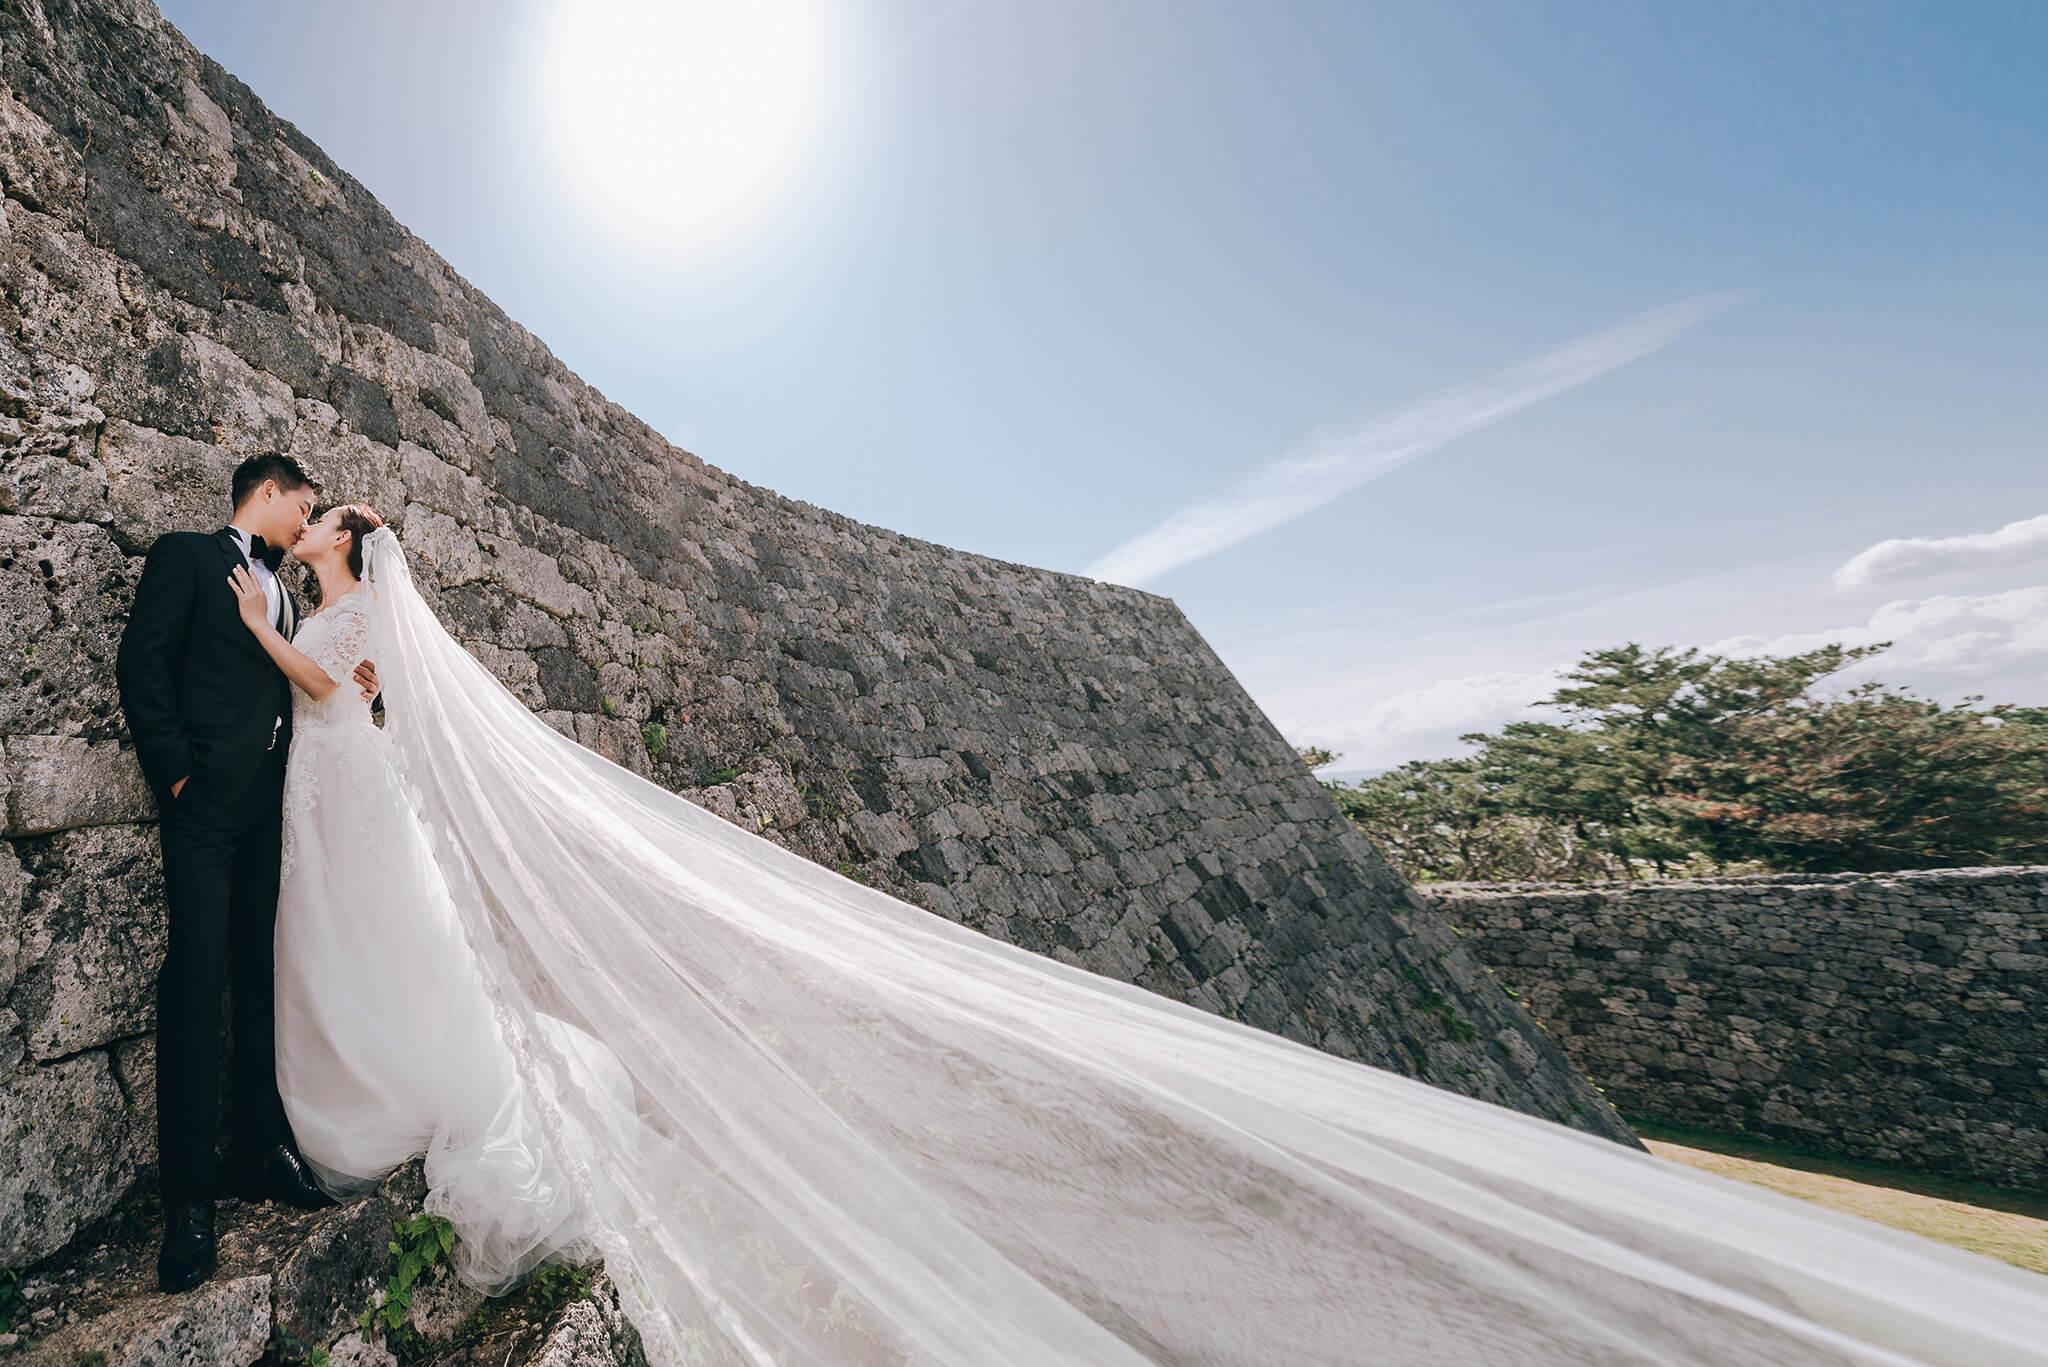 海外婚紗 | 沖繩 Okinawa